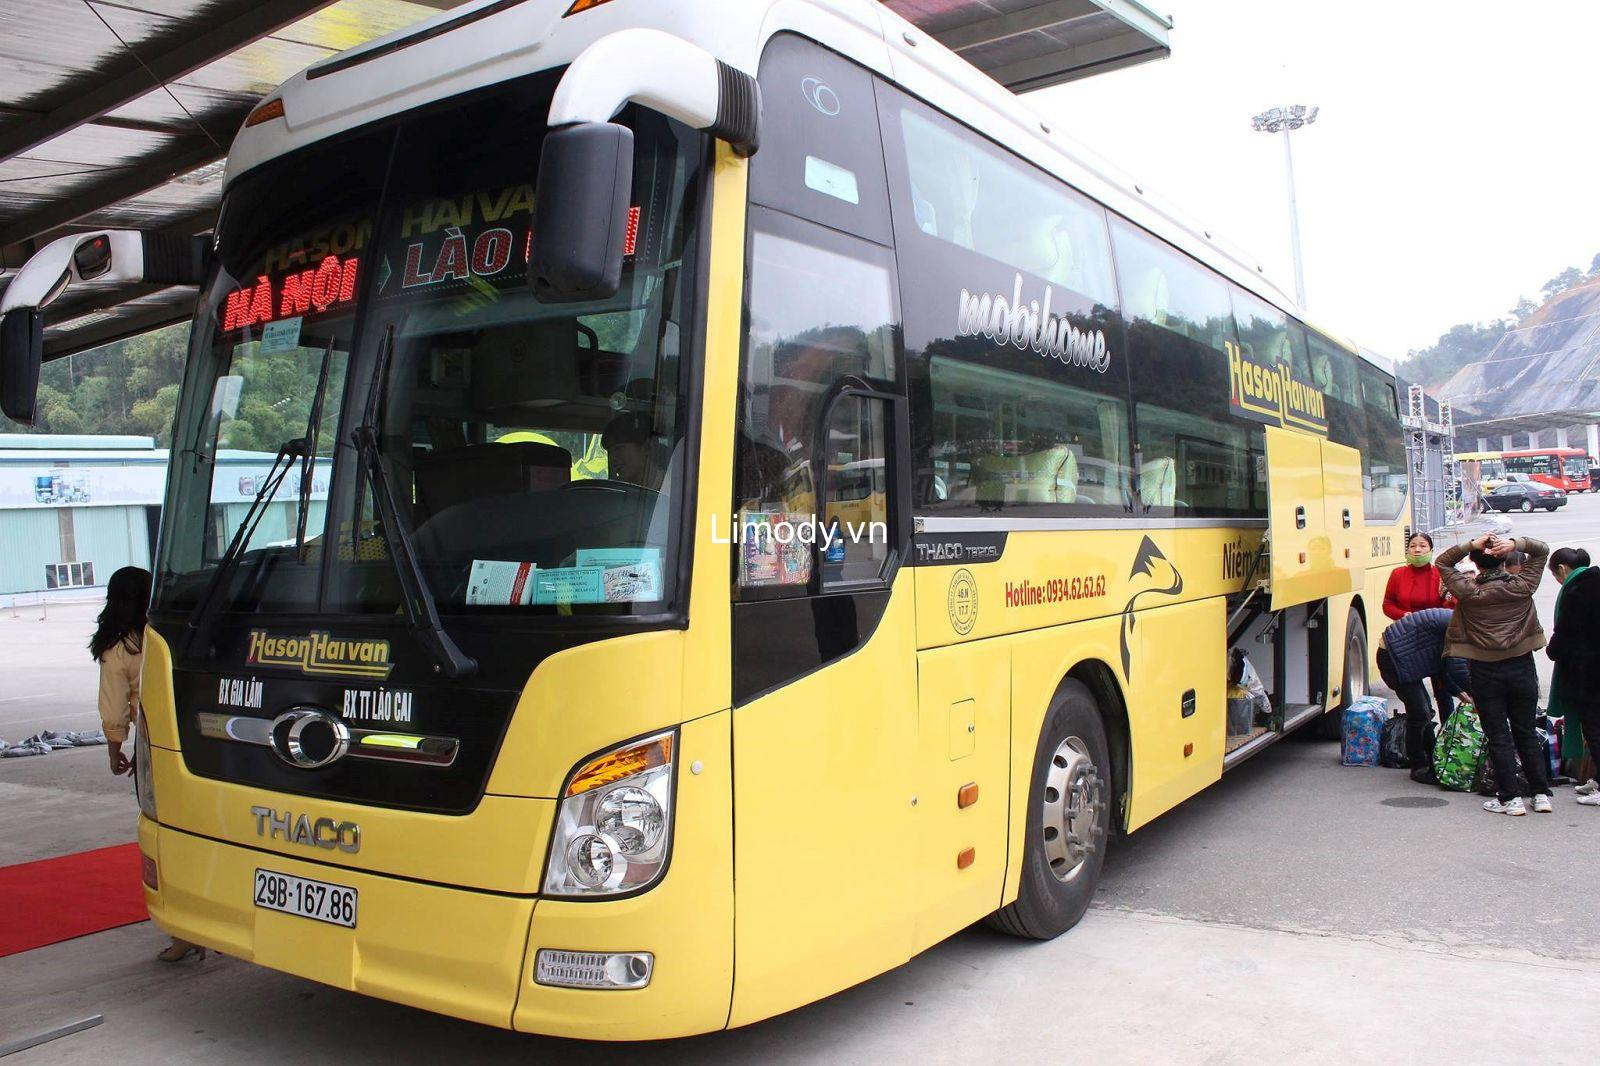 Bến xe Sapa Lào Cai: Hướng dẫn đường đi, điện thoại, lịch trình đi lại